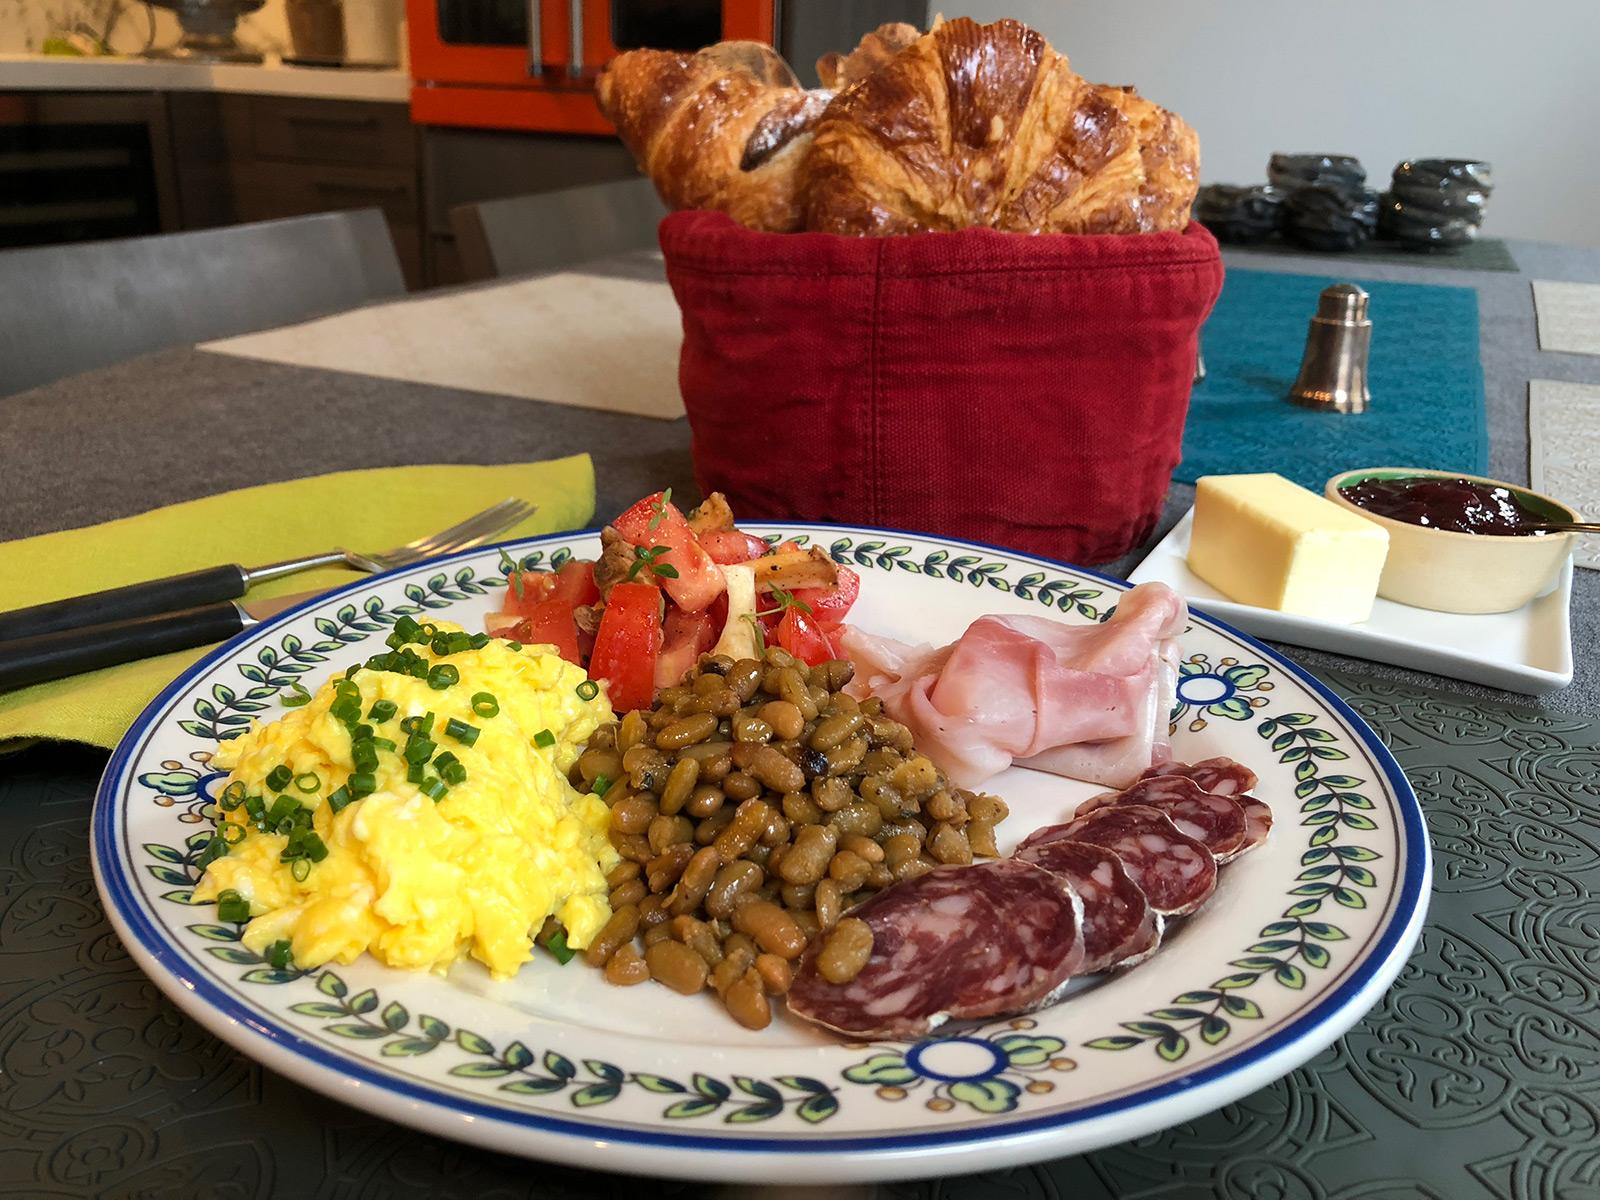 full-french-breakfast-side.jpg